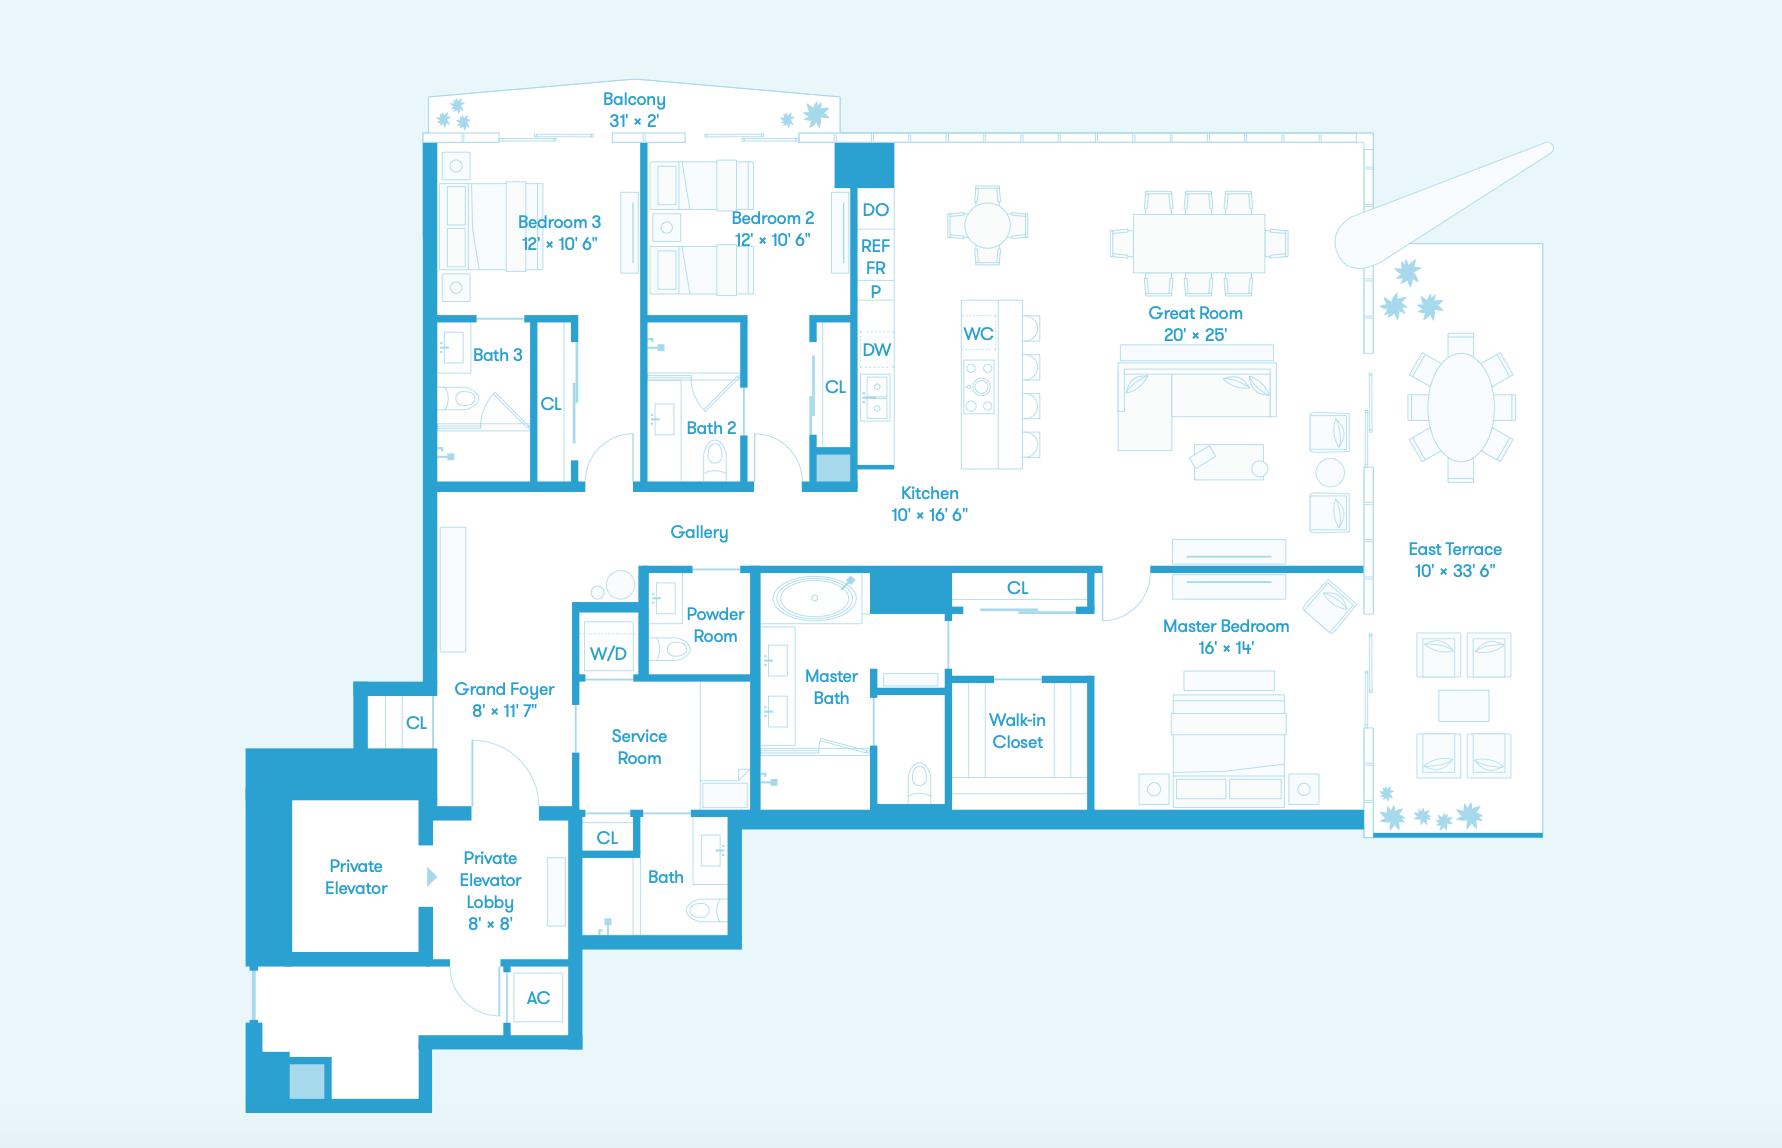 Bay Residence NE Floors 8 - 36